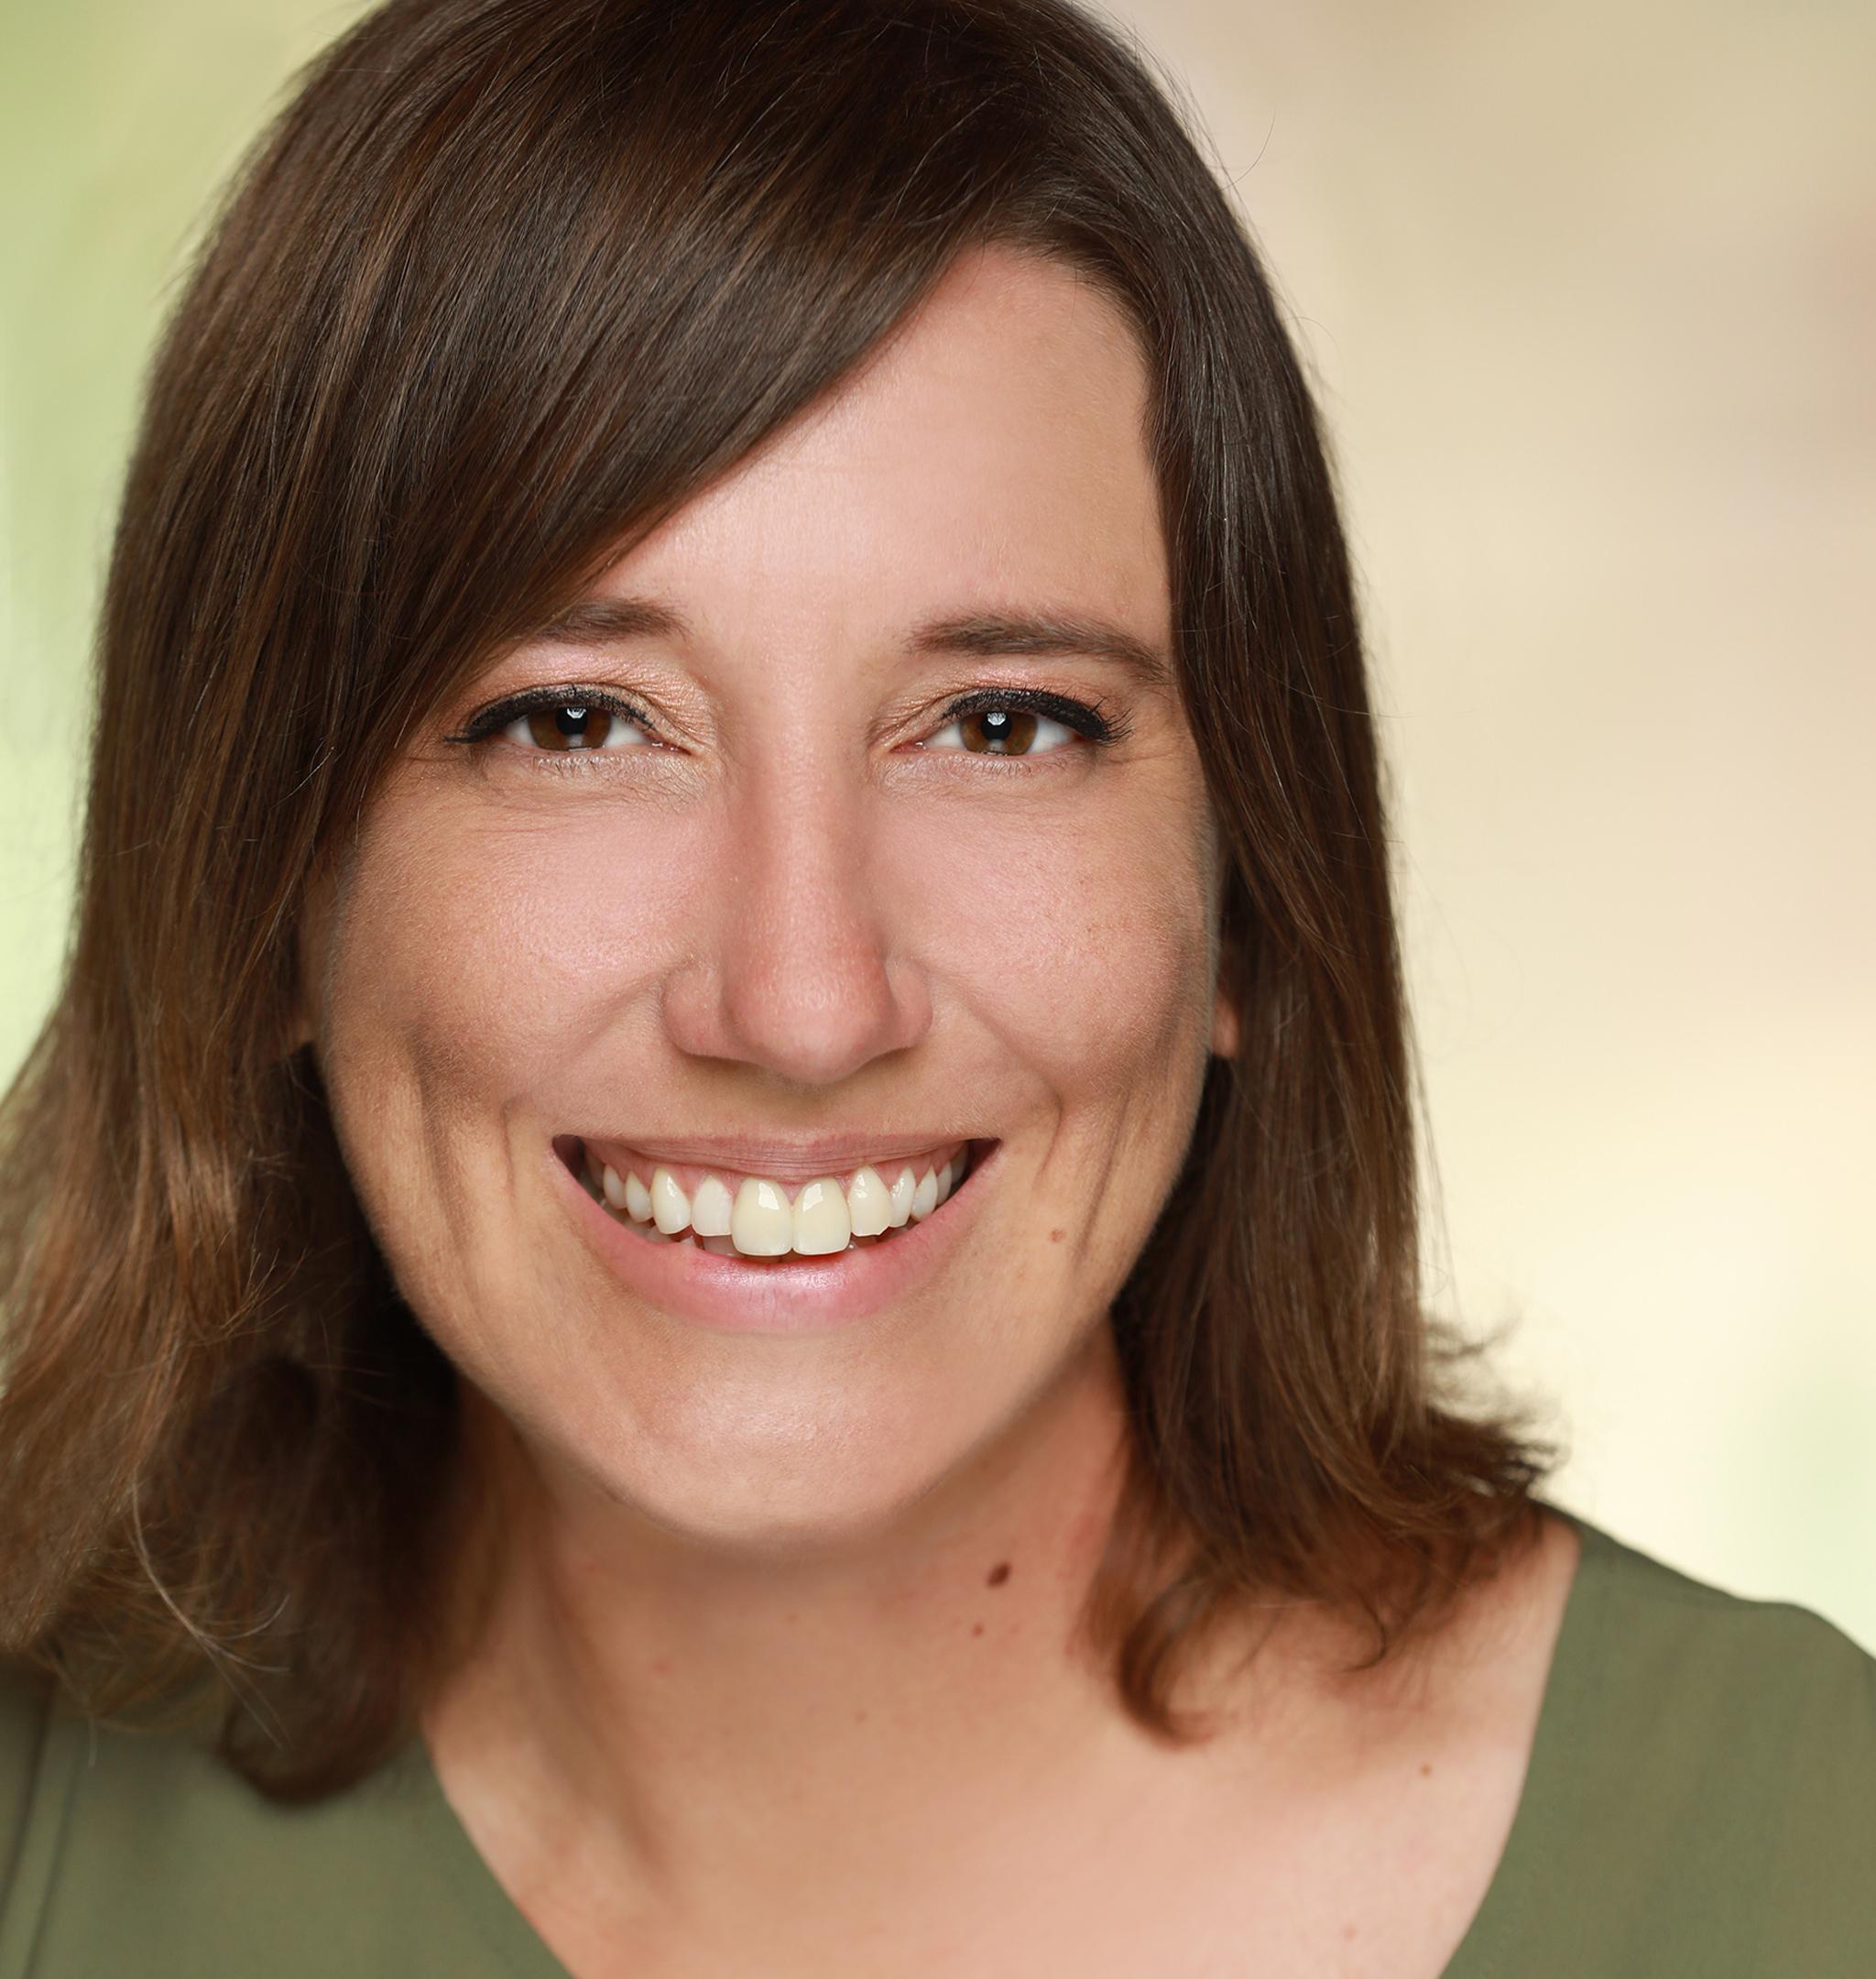 Melanie Hensch Audiobook Narrator